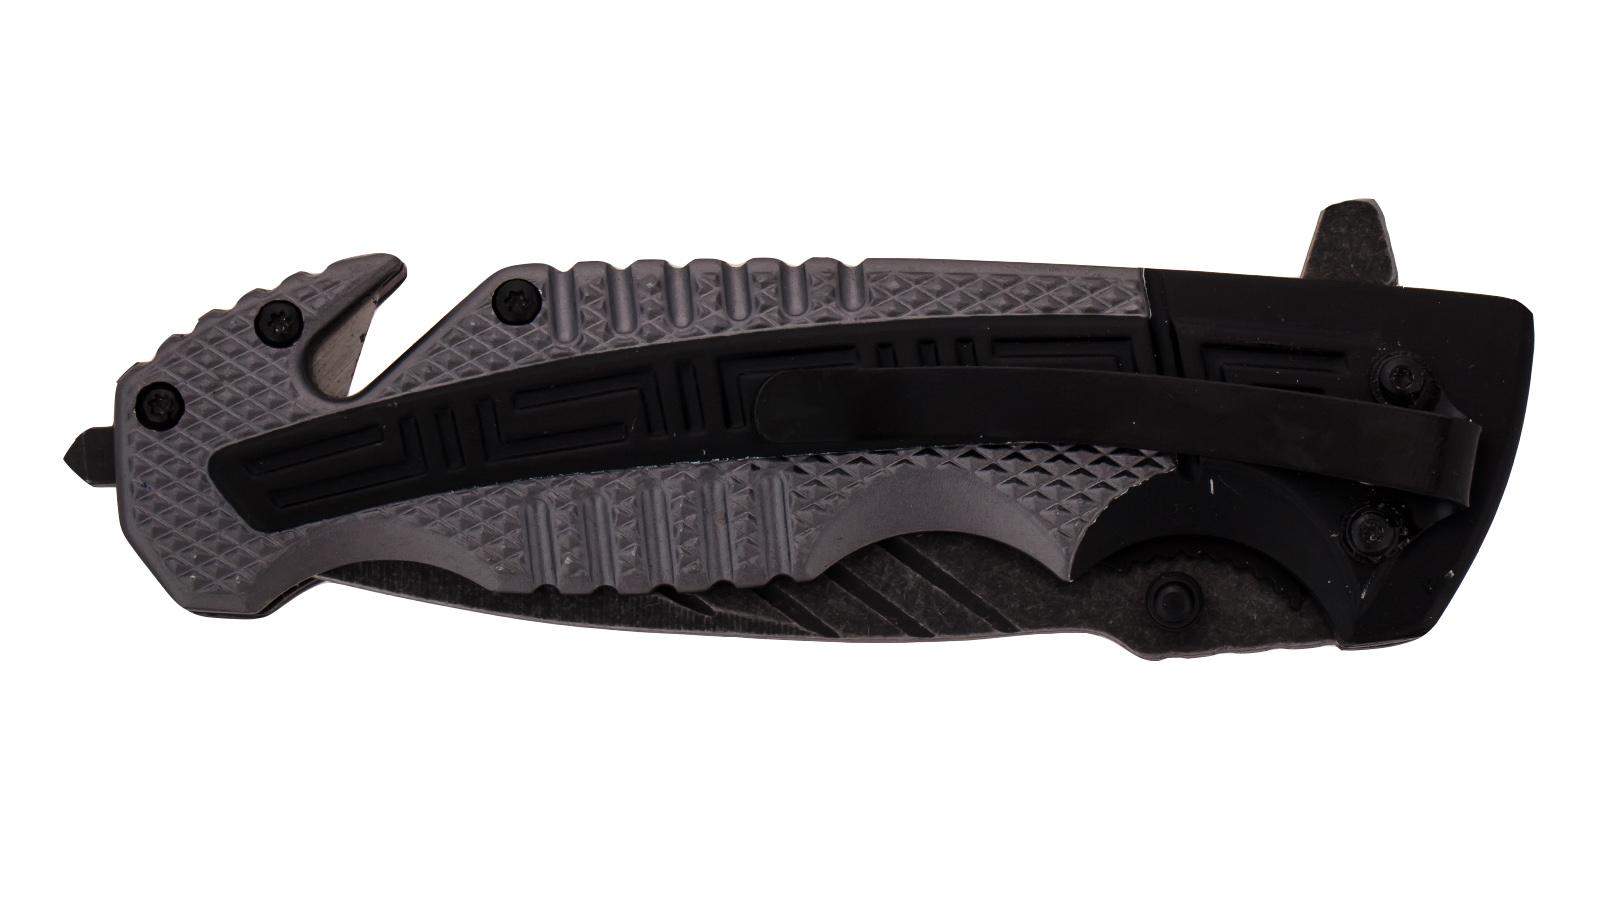 Складной нож Tac Force TF-919 - заказать с доставкой